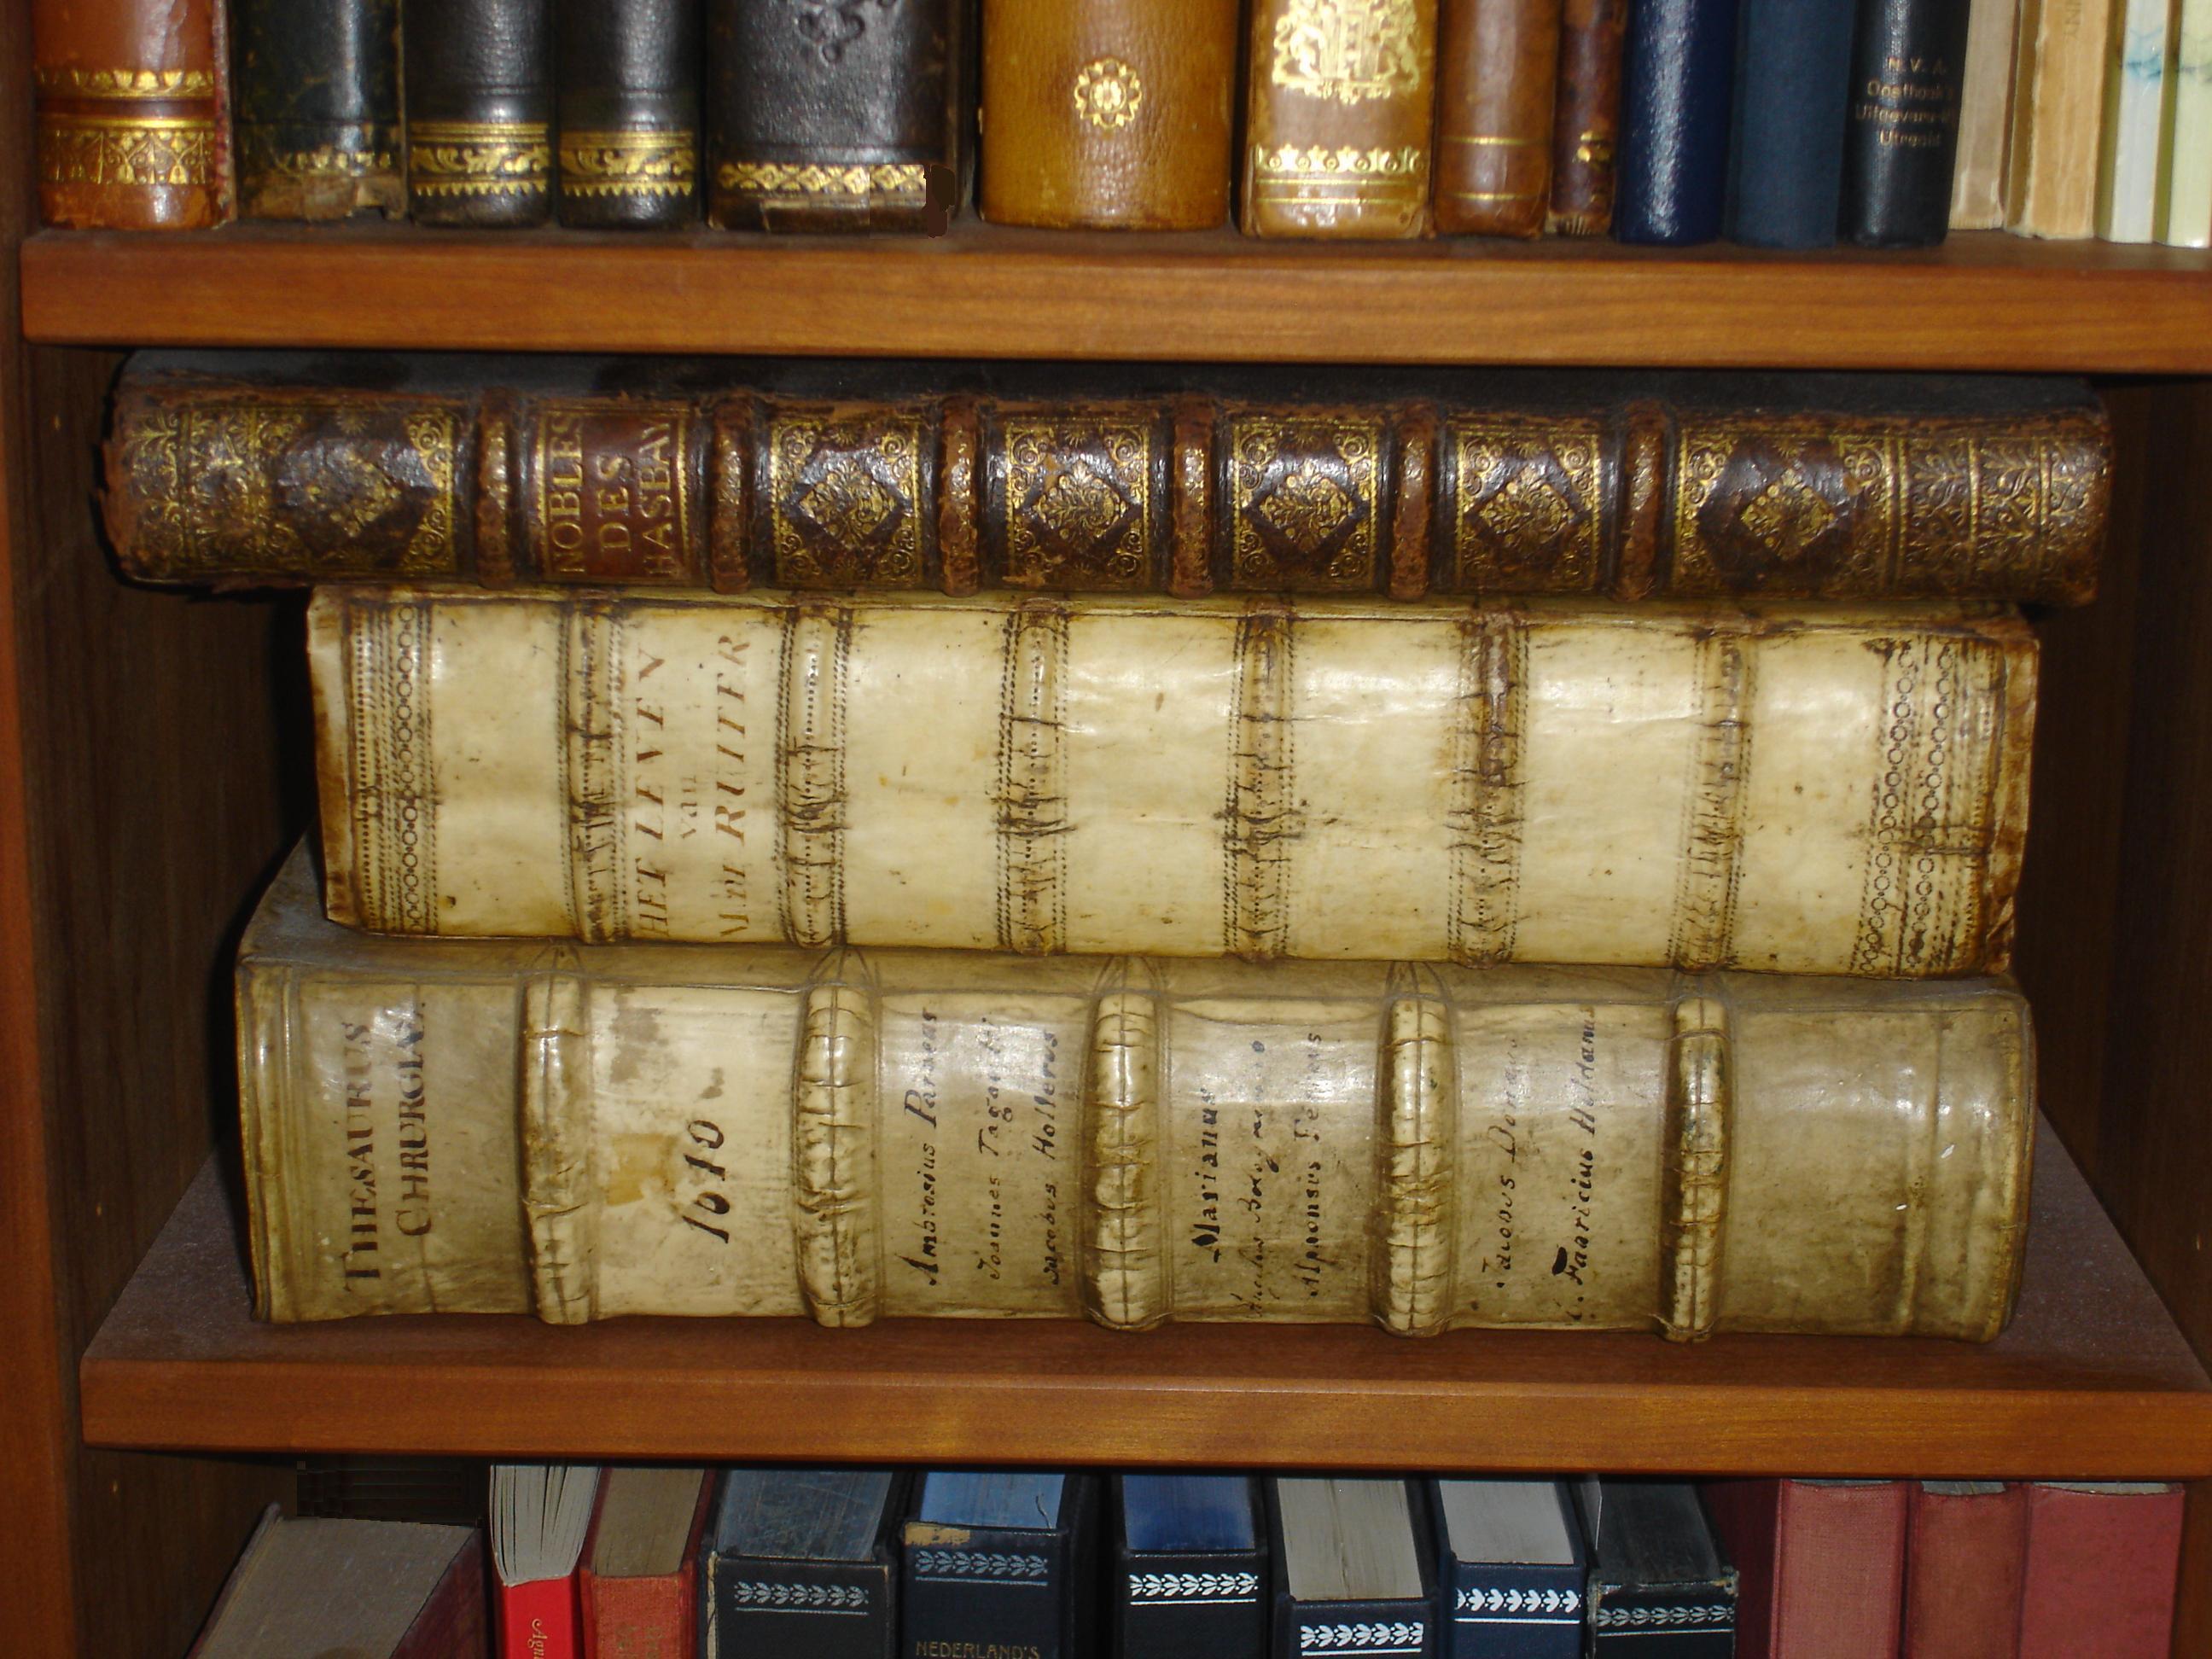 Boekenplank met oude medische en genealogische literatuur